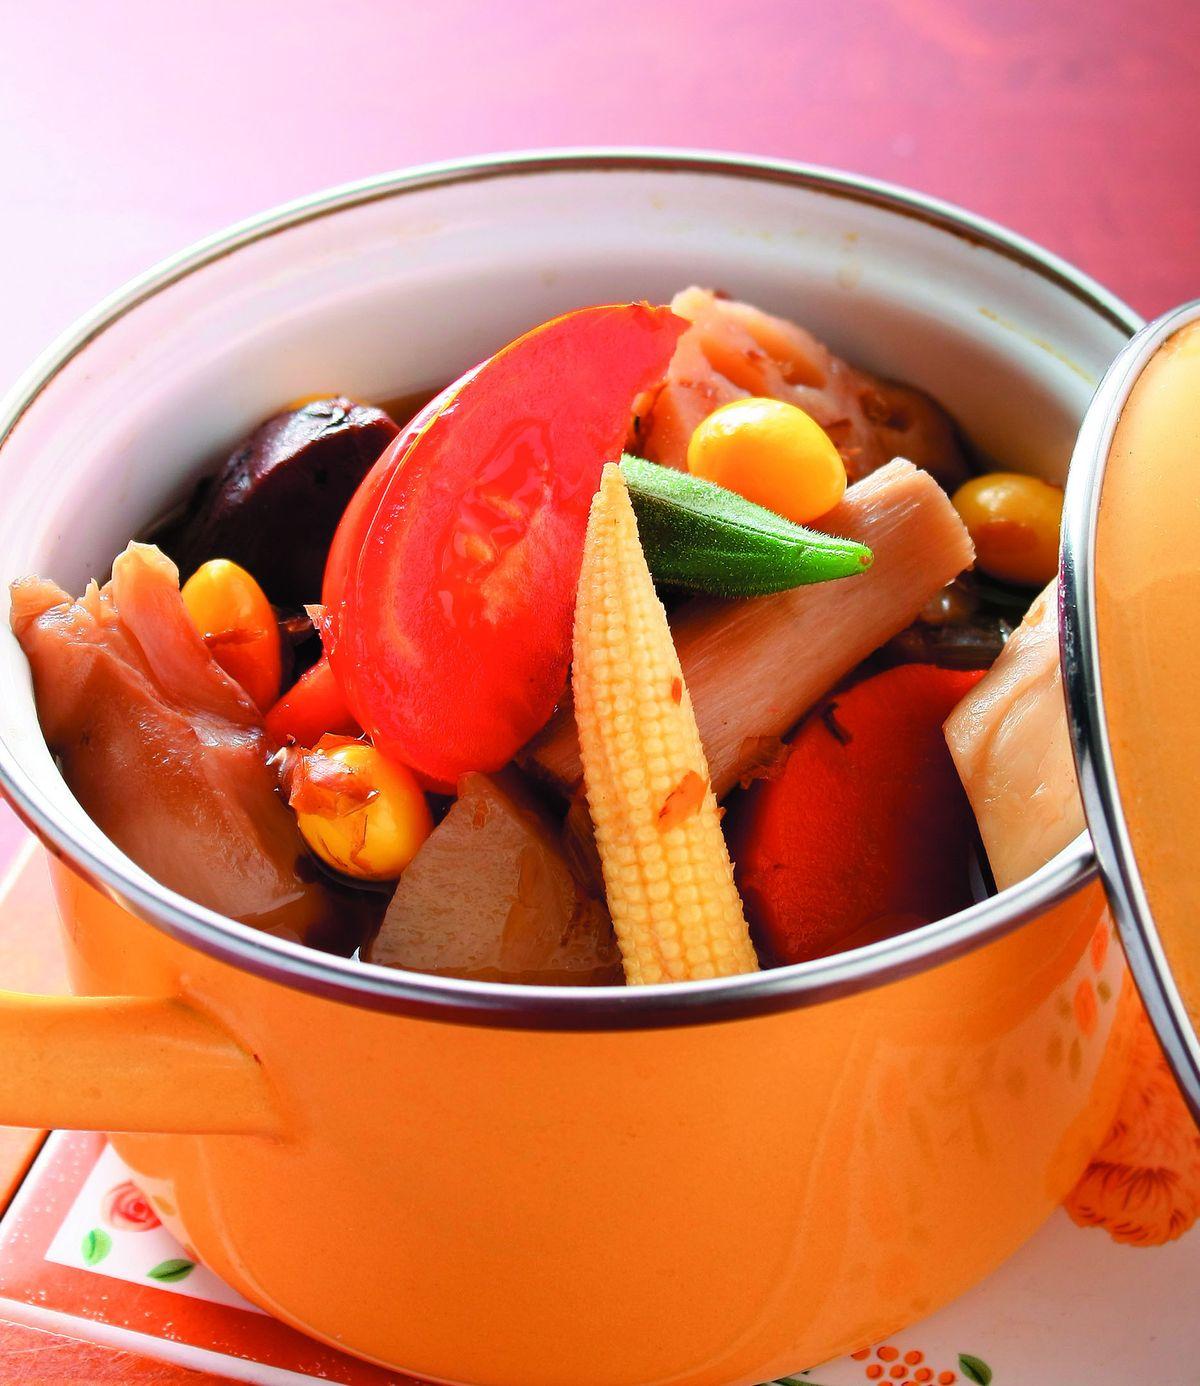 食譜:和風燉蔬菜